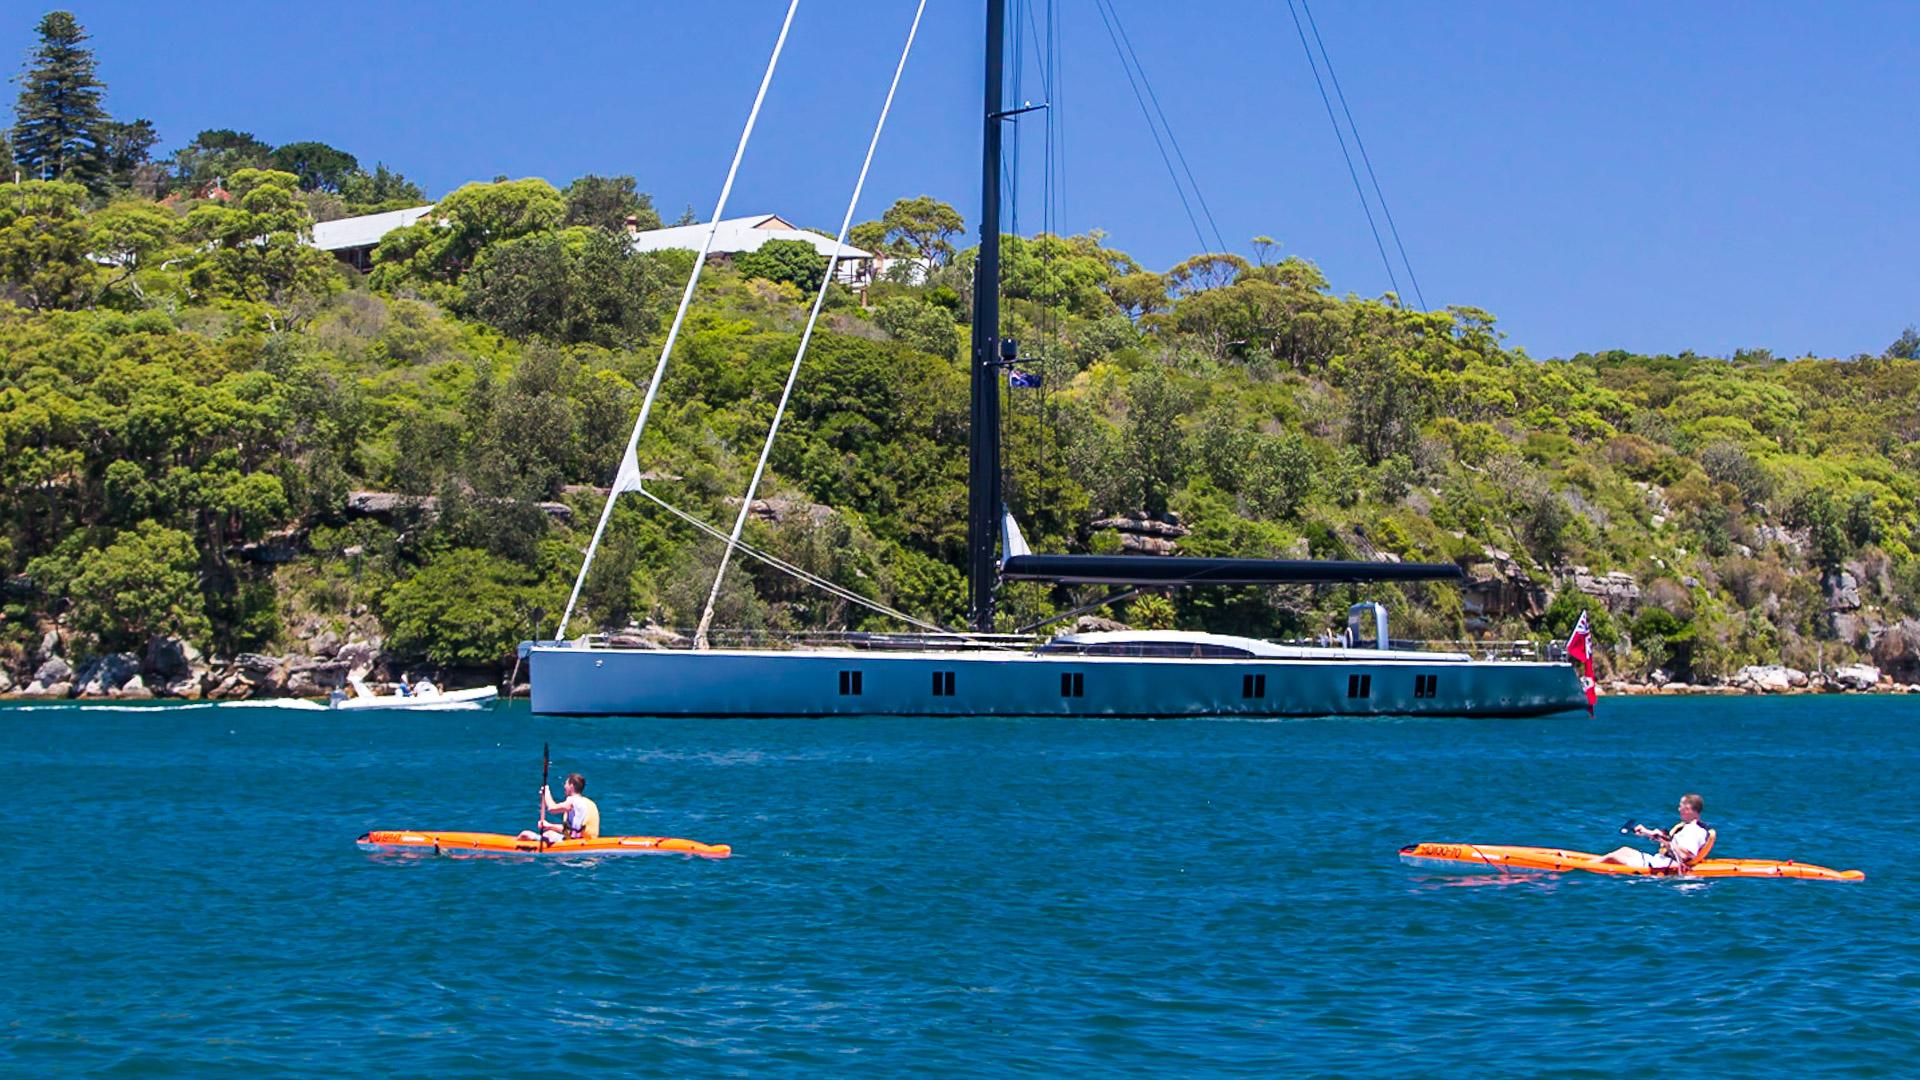 Jacht Rupperta Murdocha w jednaj z zatok w Sydney